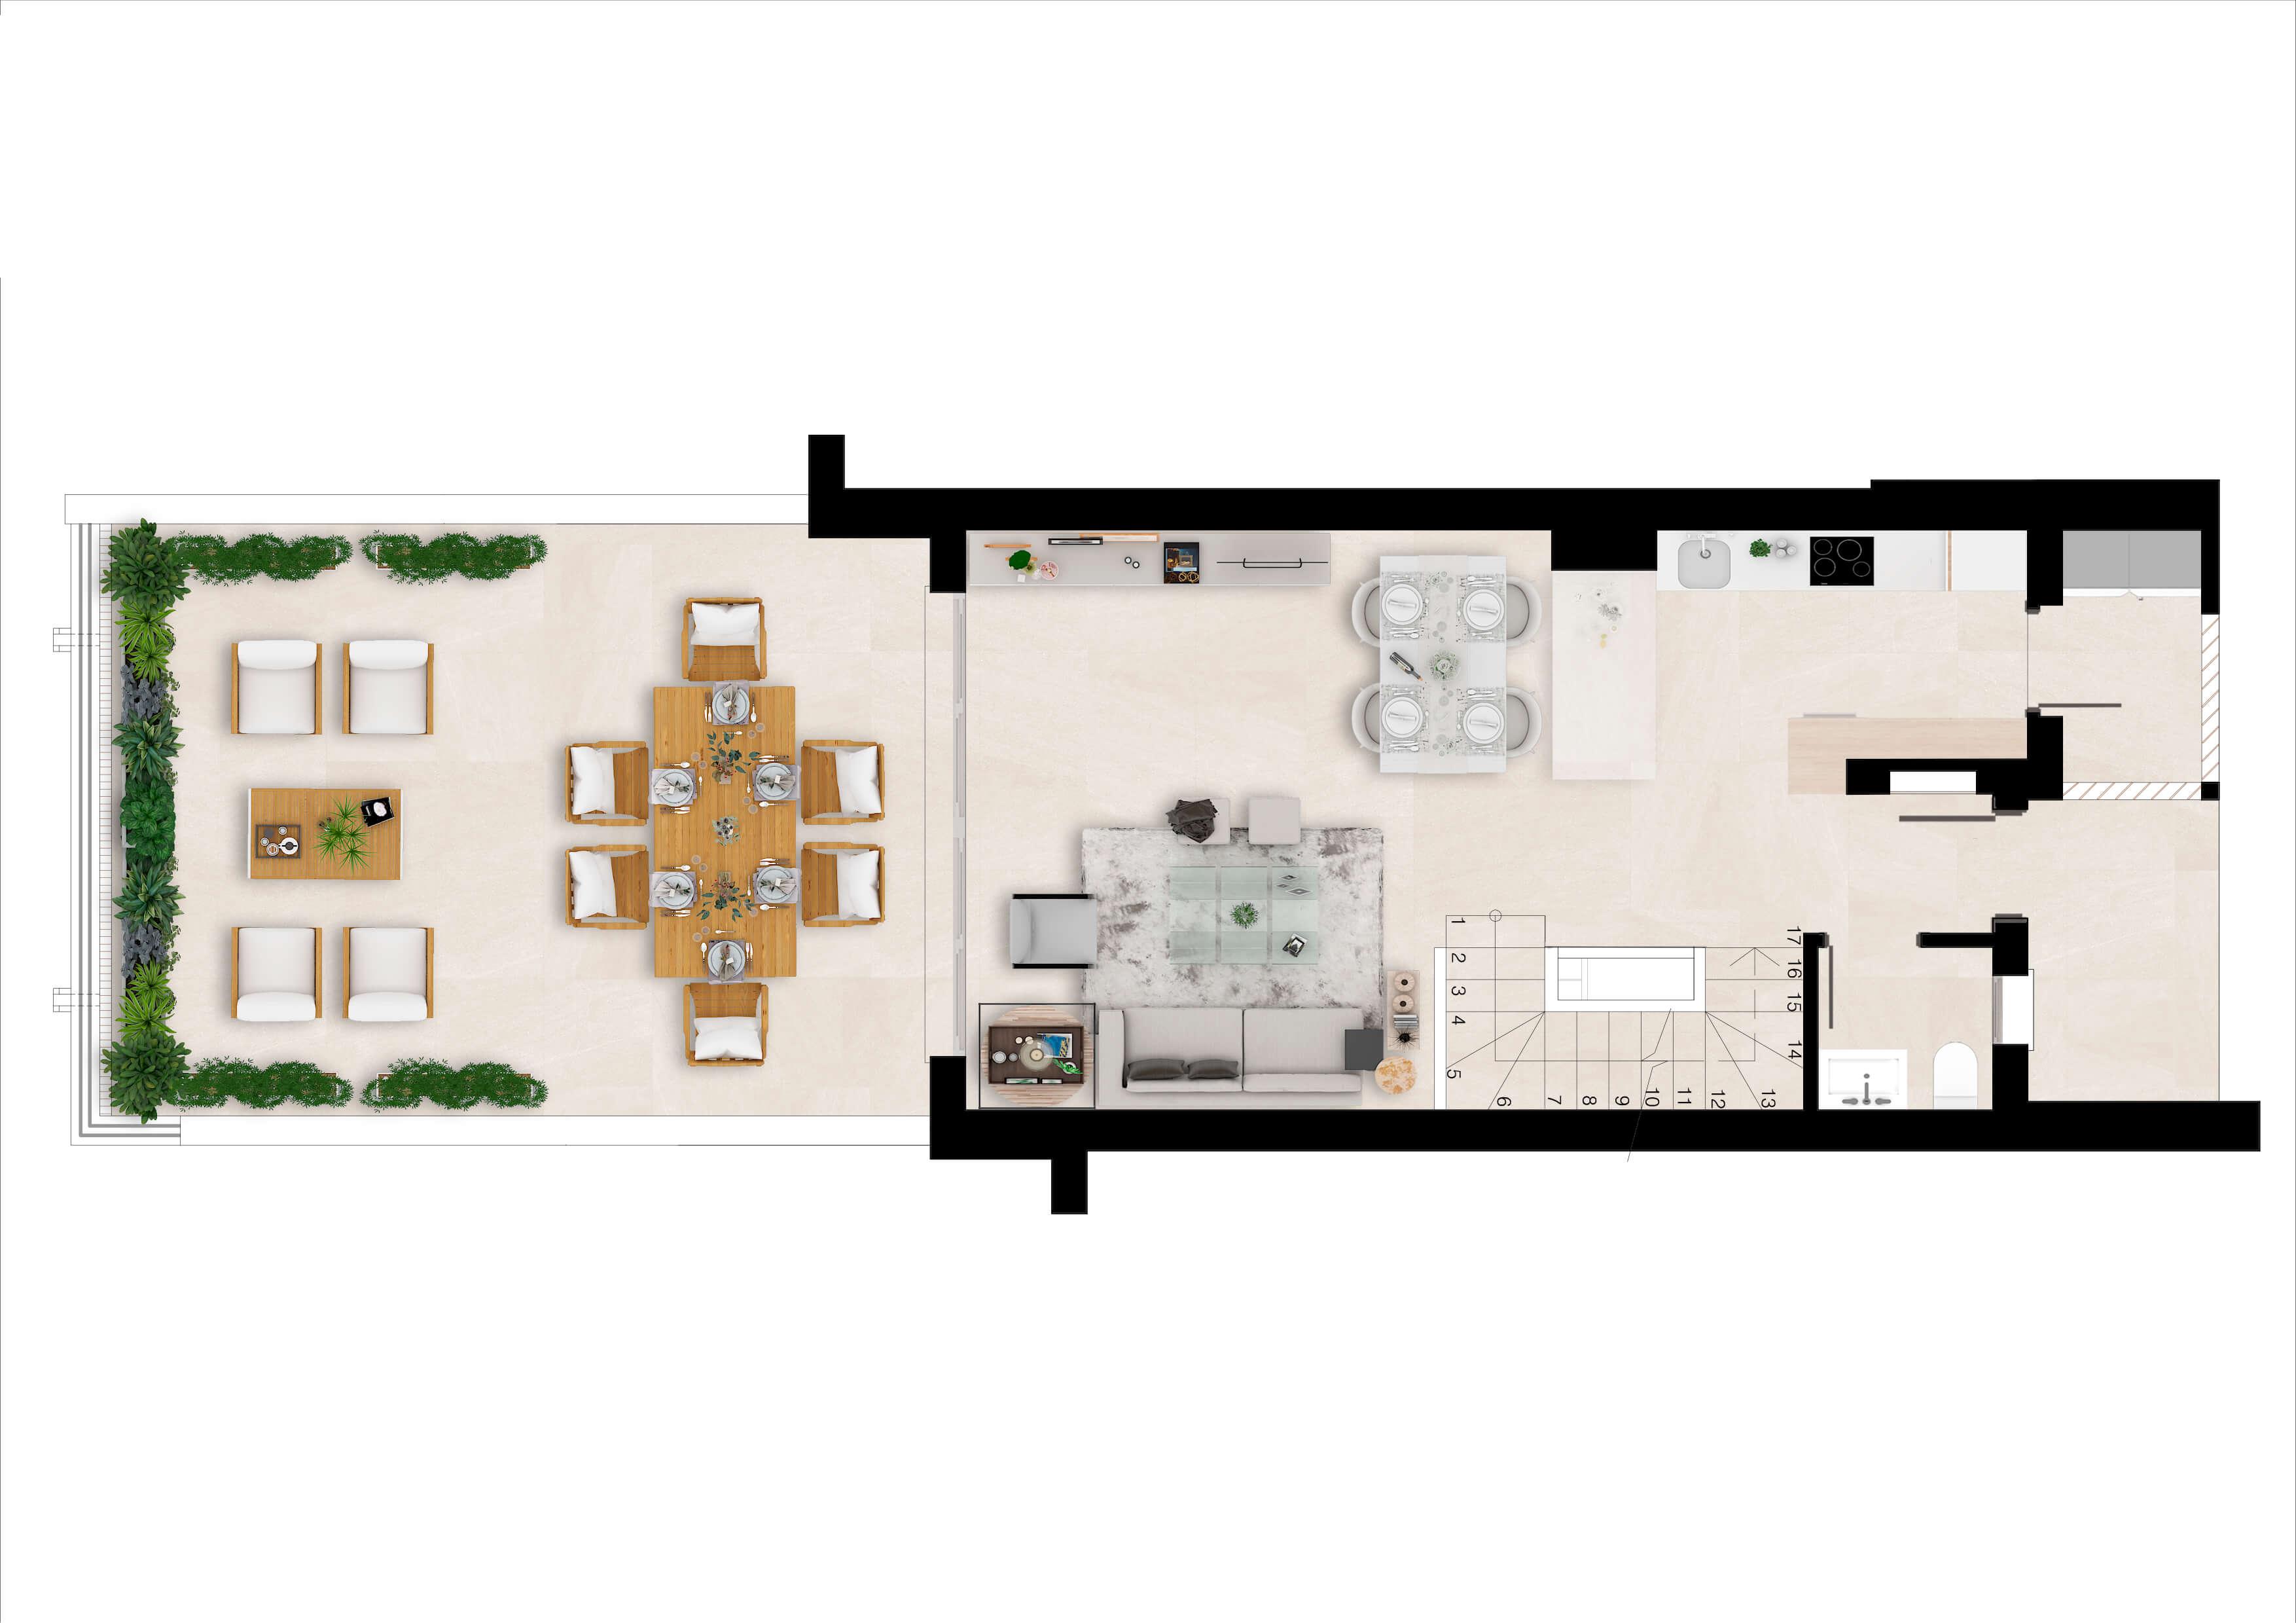 green golf moderne geschakelde huizen townhouses estepona eerstelijns golf te koop grondplan gelijkvloers